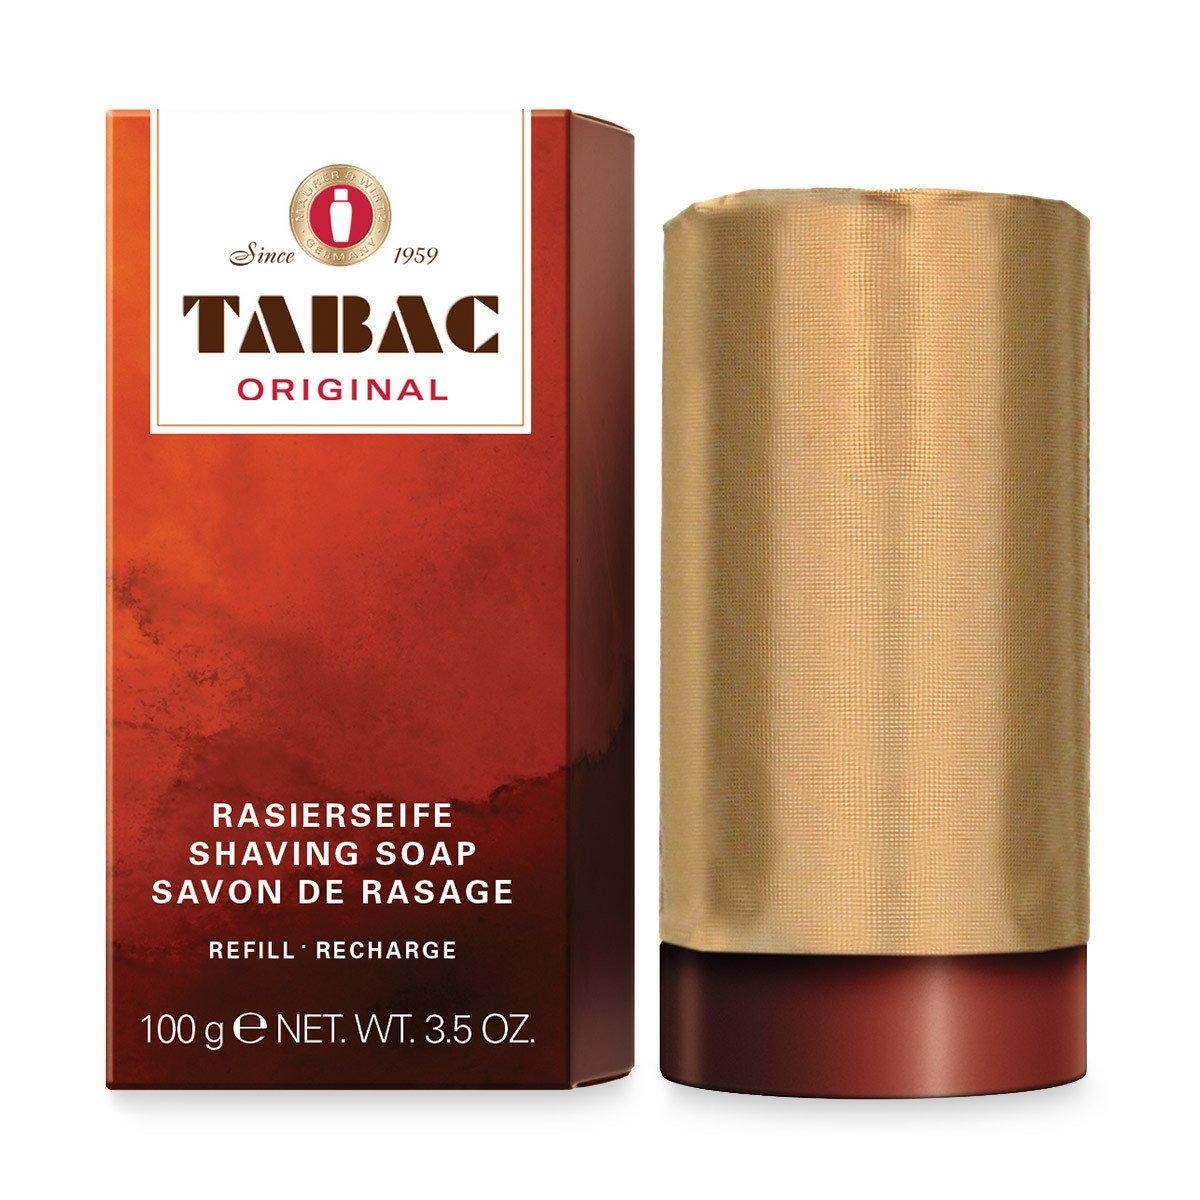 Barra de jabón para afeitado Tabac Original, 100g Maurer &Wirtz MW436002